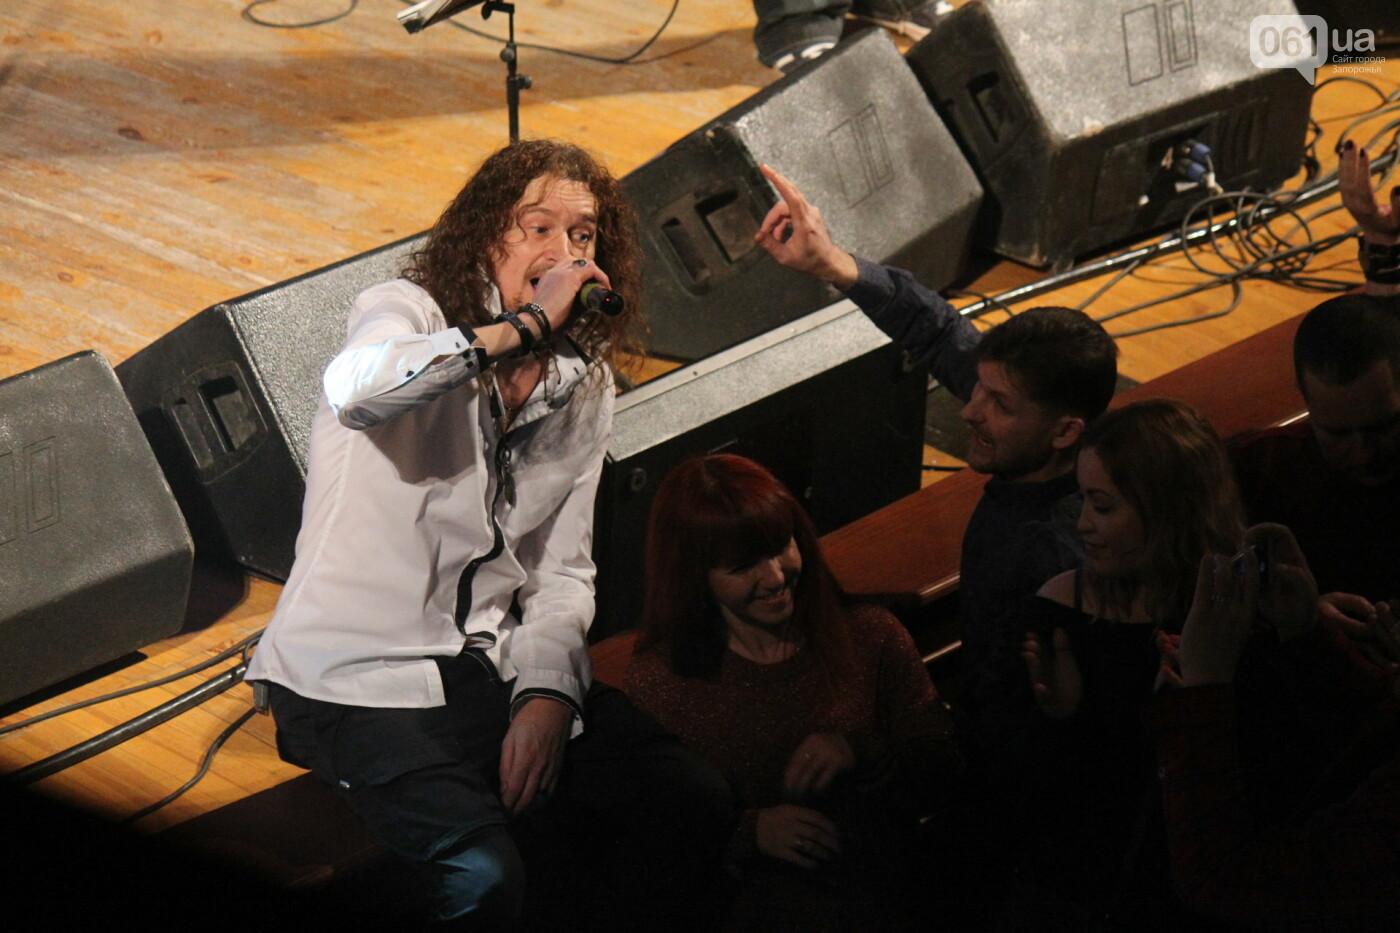 В Запорожье группа «Скрябин» сыграла лучшие хиты с симфоническим оркестром, – ФОТОРЕПОРТАЖ, фото-18